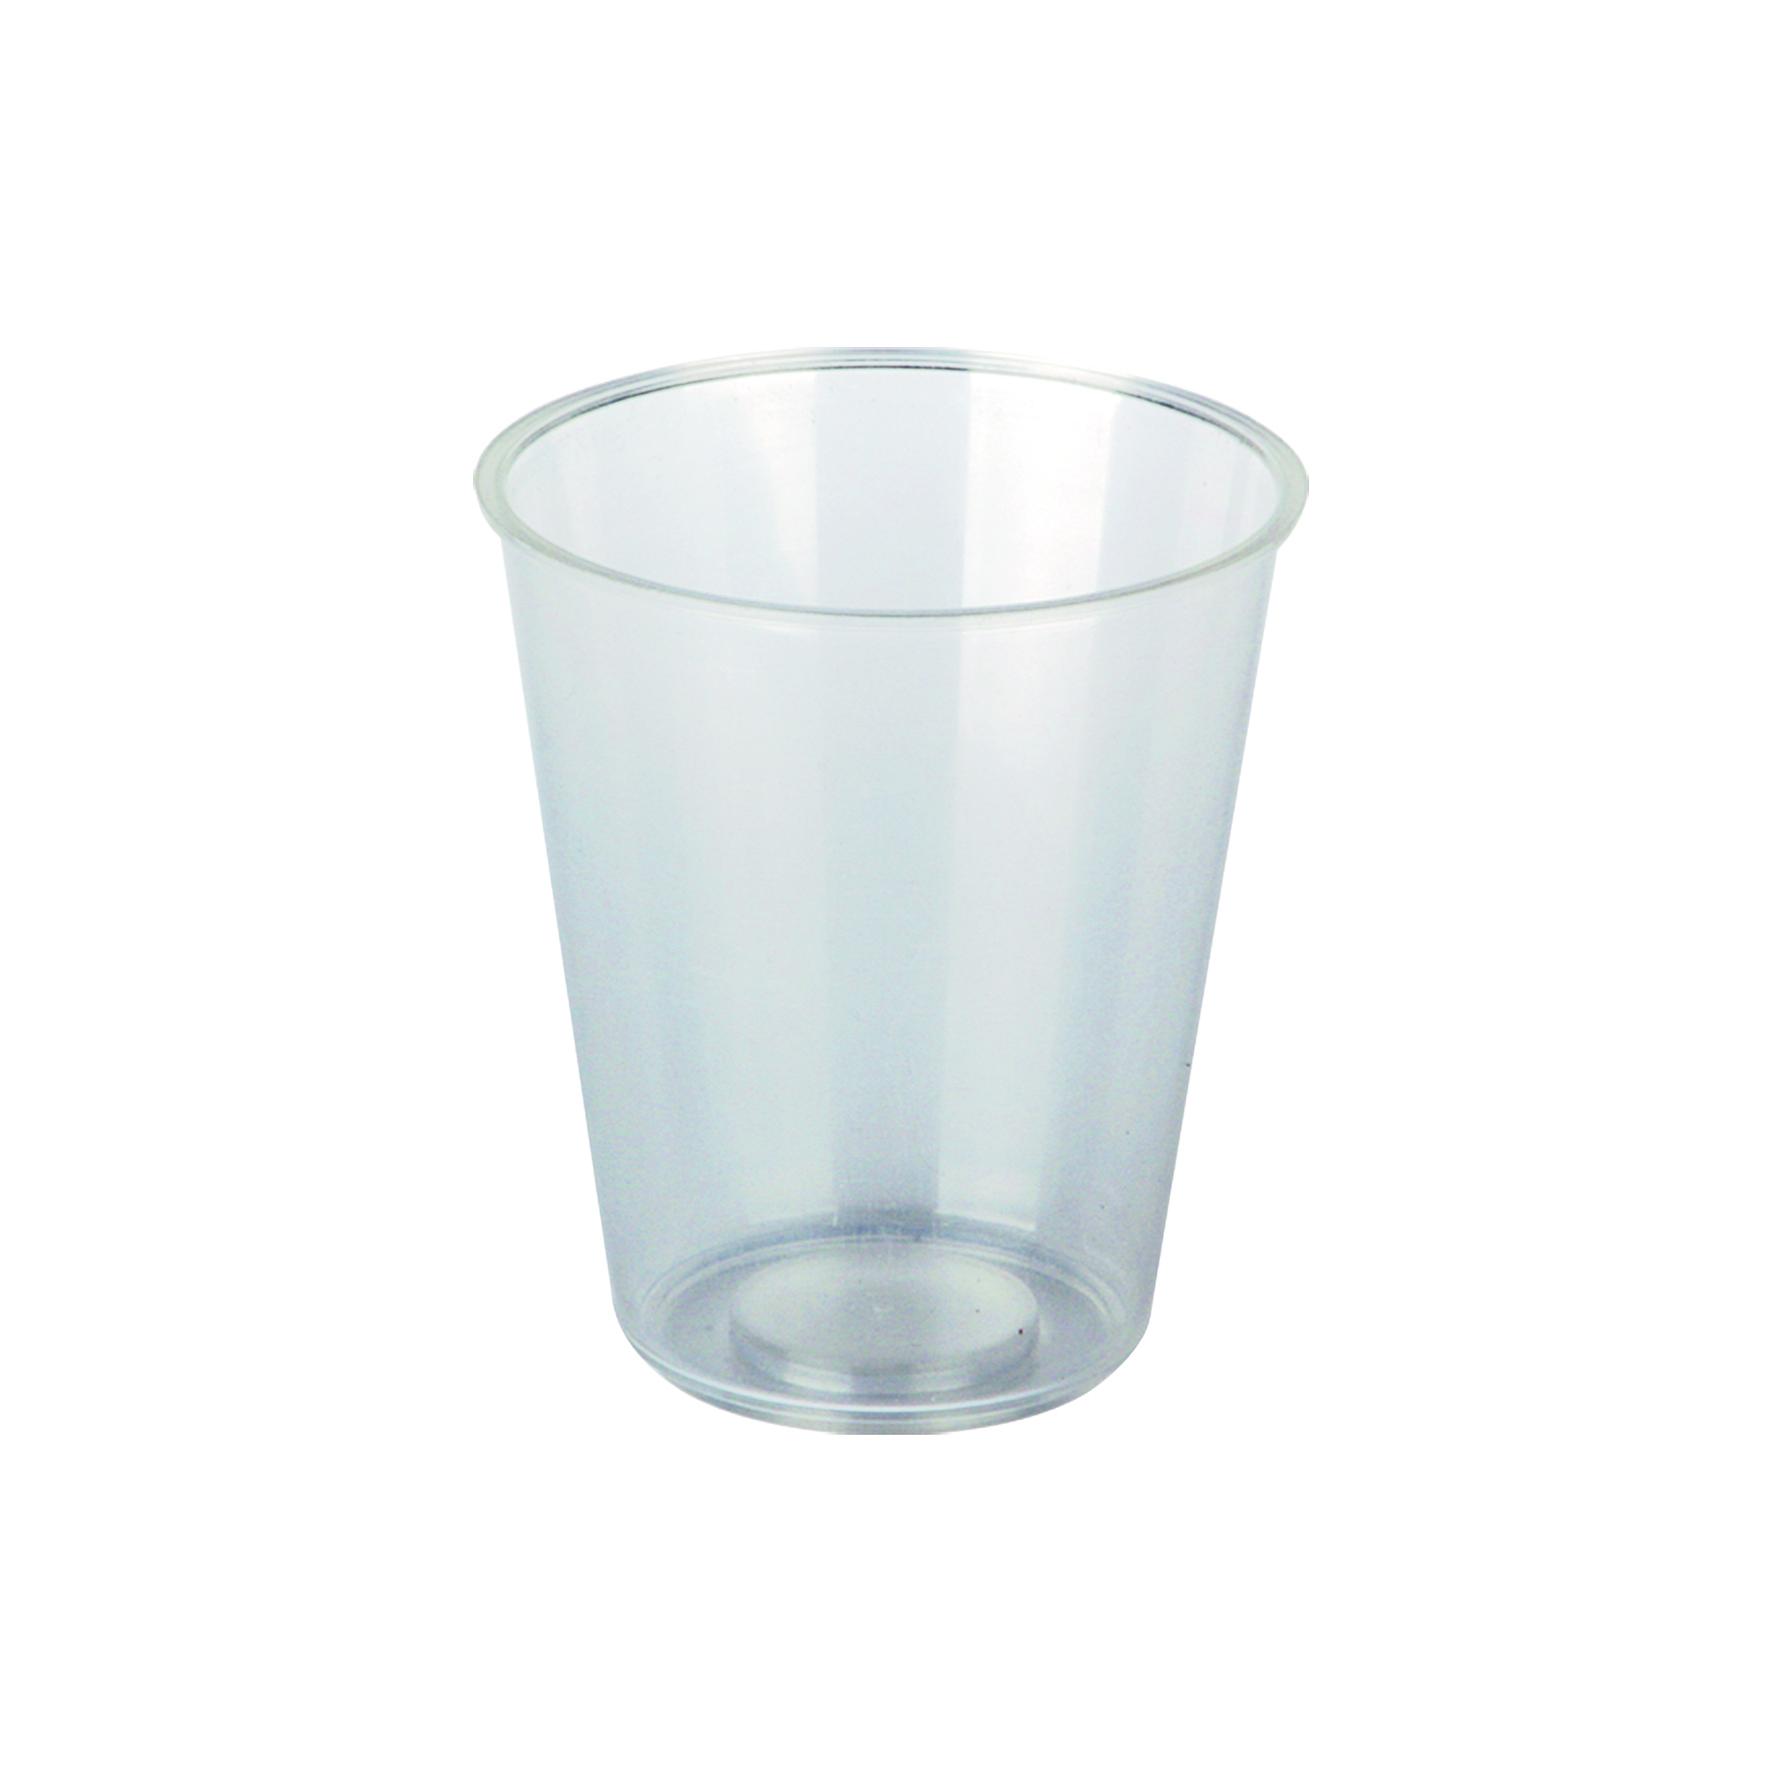 لیوان یکبار مصرف مدل فراز 350 بسته 10 عددی